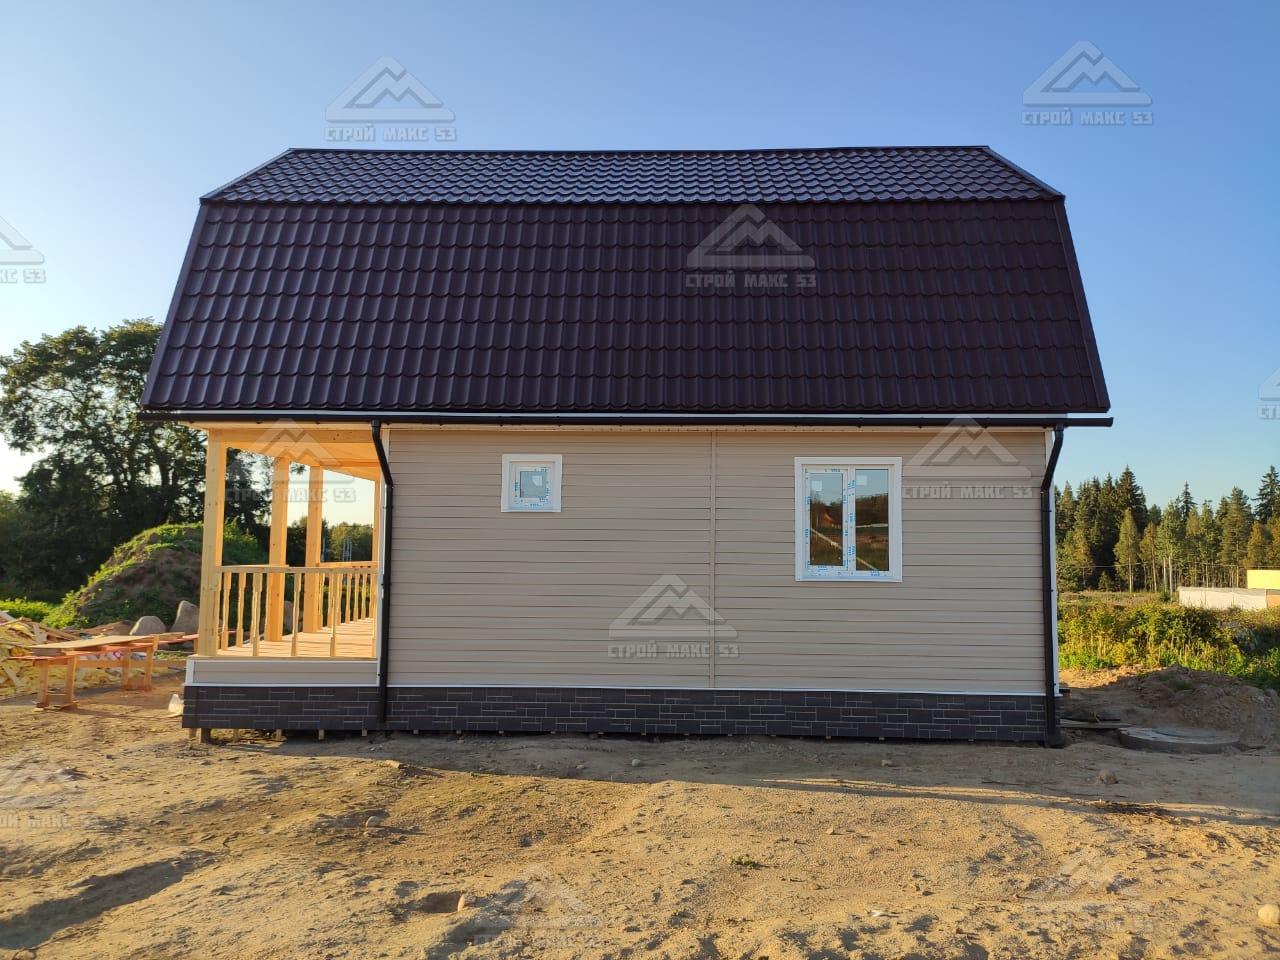 каркасный двухэтажный дом вид сбоку